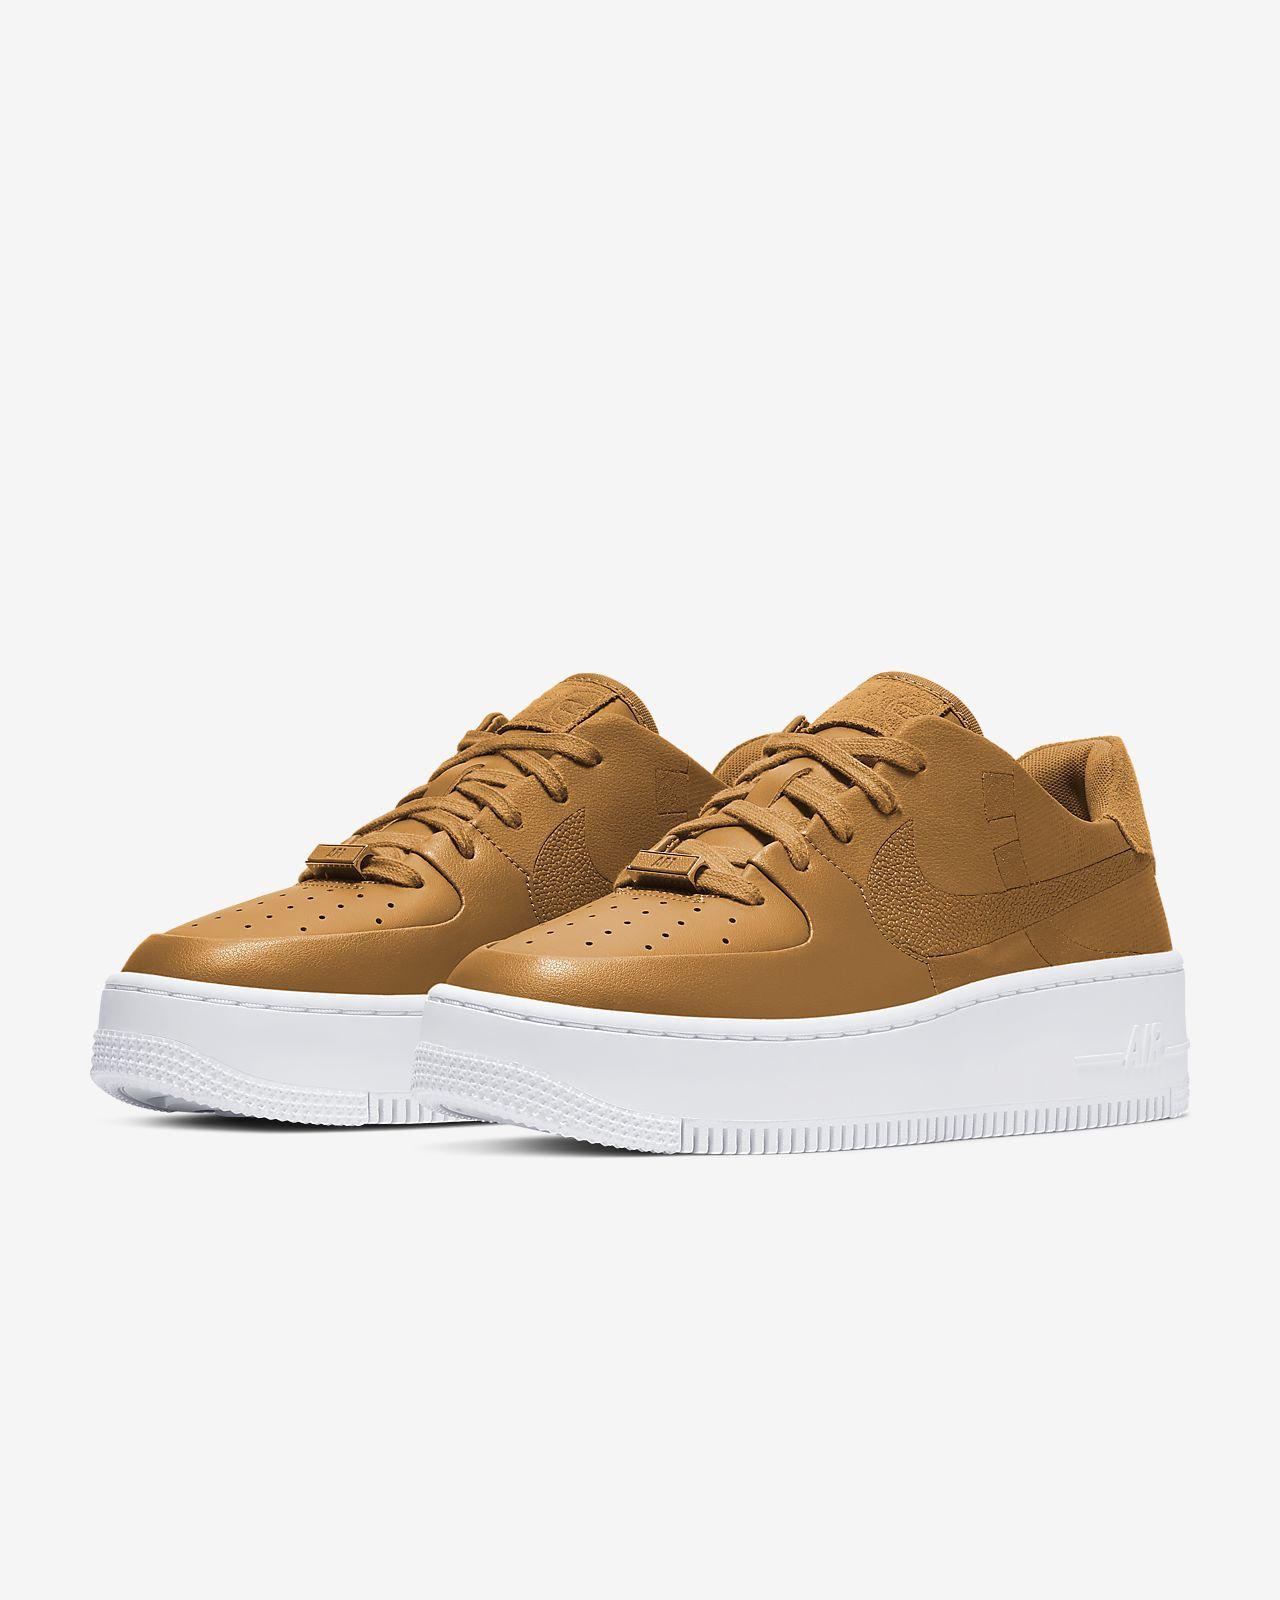 Nike Air Force 1 '07 LX Til Kvinder | footpatrol